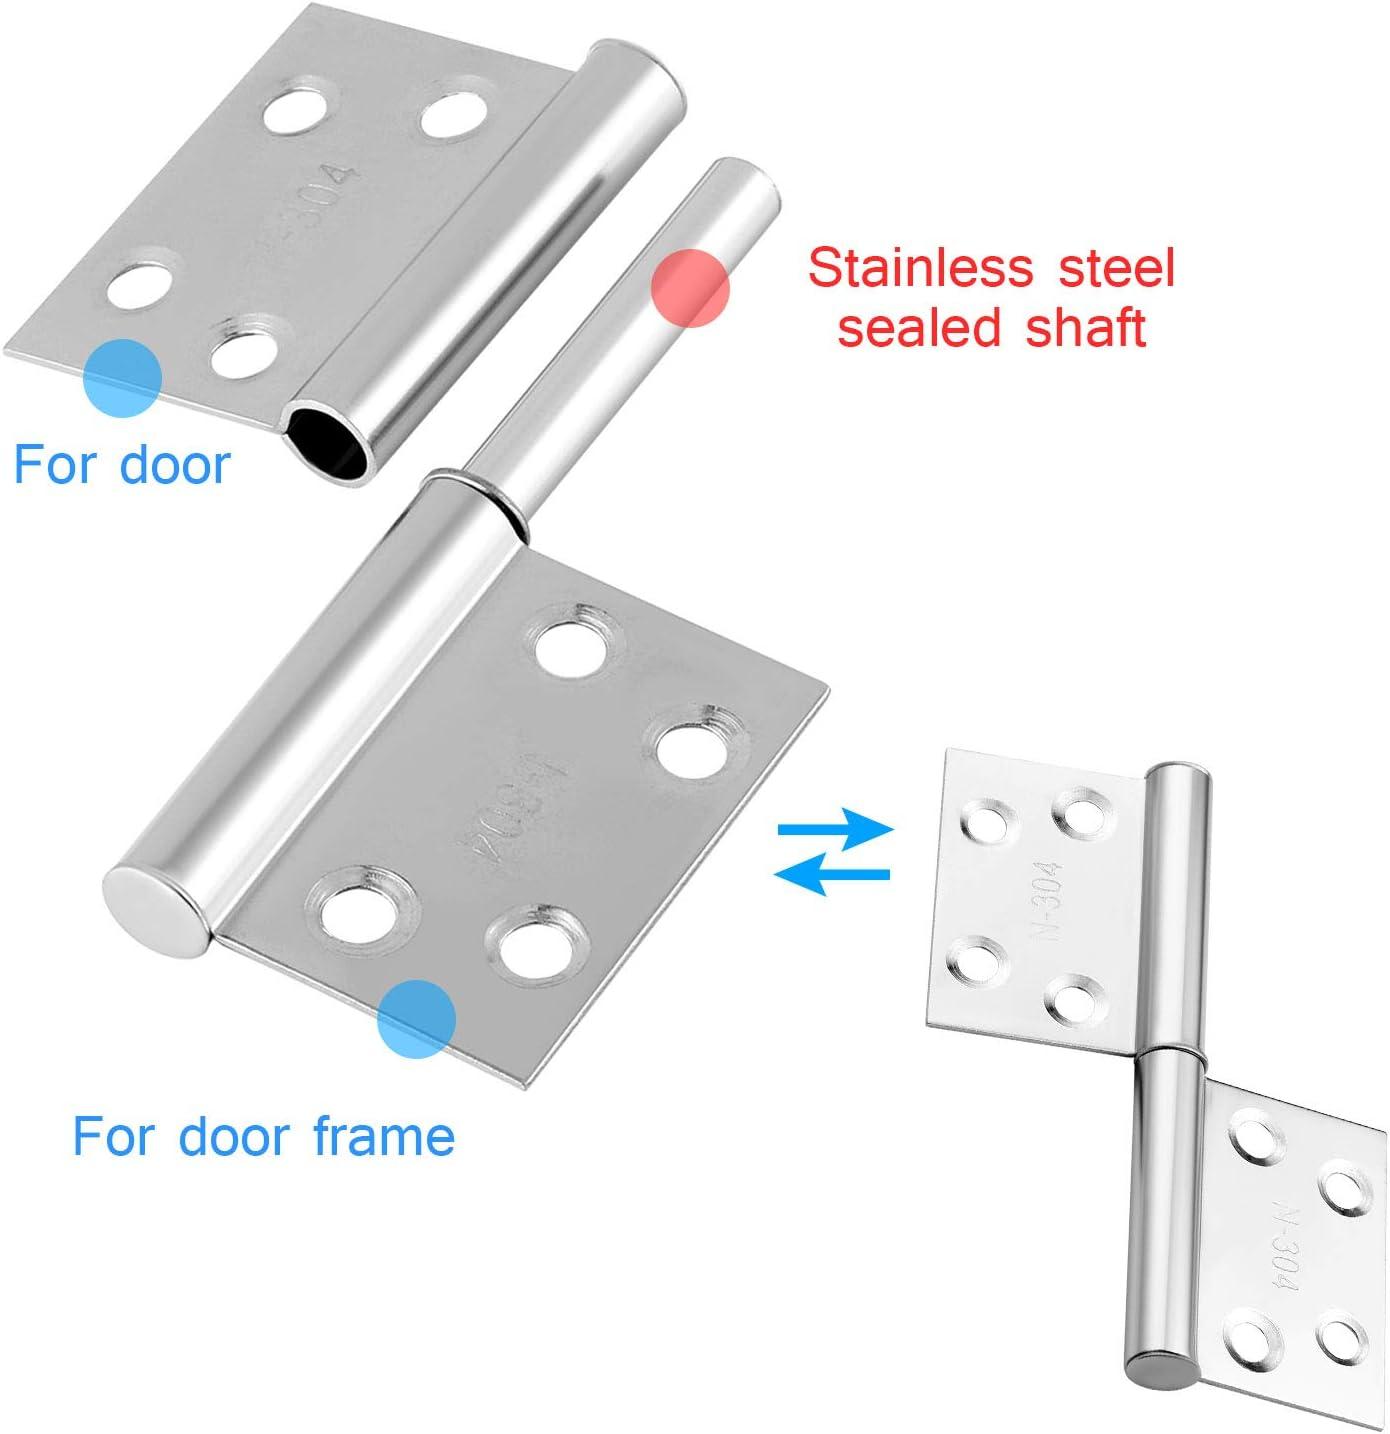 HSEAMALL 10 bisagras peque/ñas de 4 pulgadas bisagras de puerta desmontables bisagras de acero inoxidable para zurdos